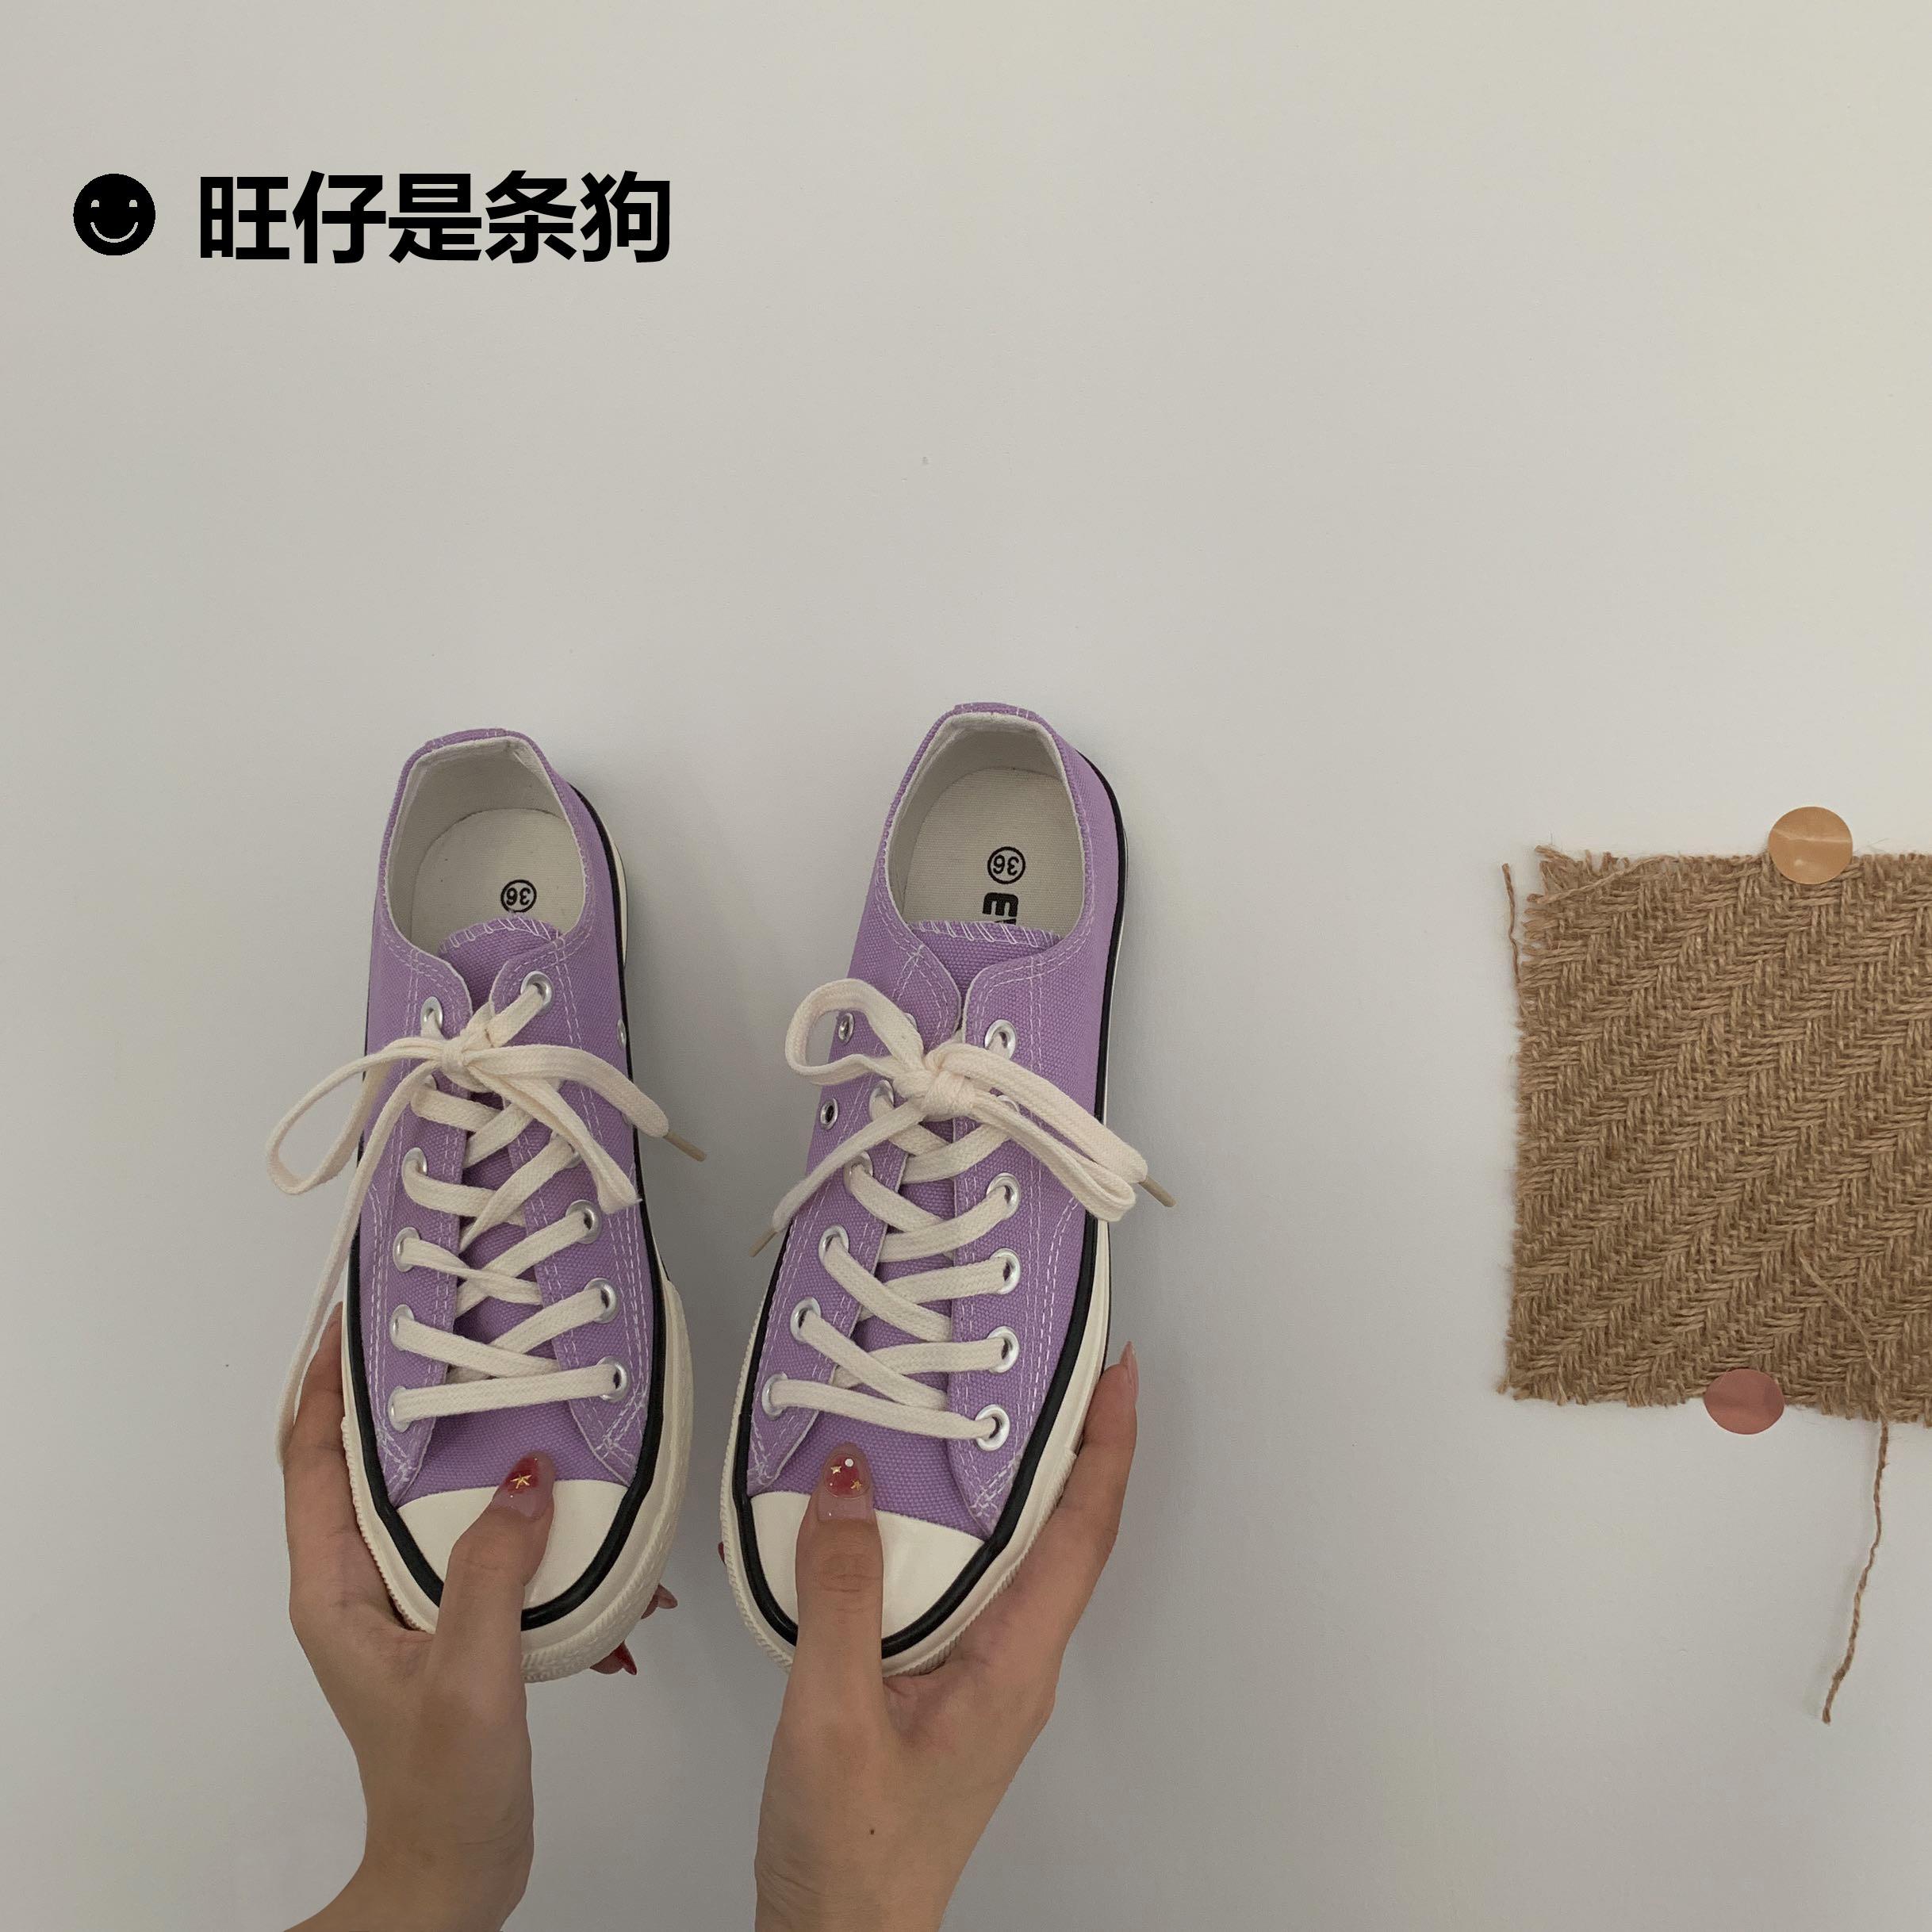 紫色帆布鞋 2020一双万年款复古1970s软萌浅紫色低帮高帮帆布鞋女学生板鞋_推荐淘宝好看的紫色帆布鞋